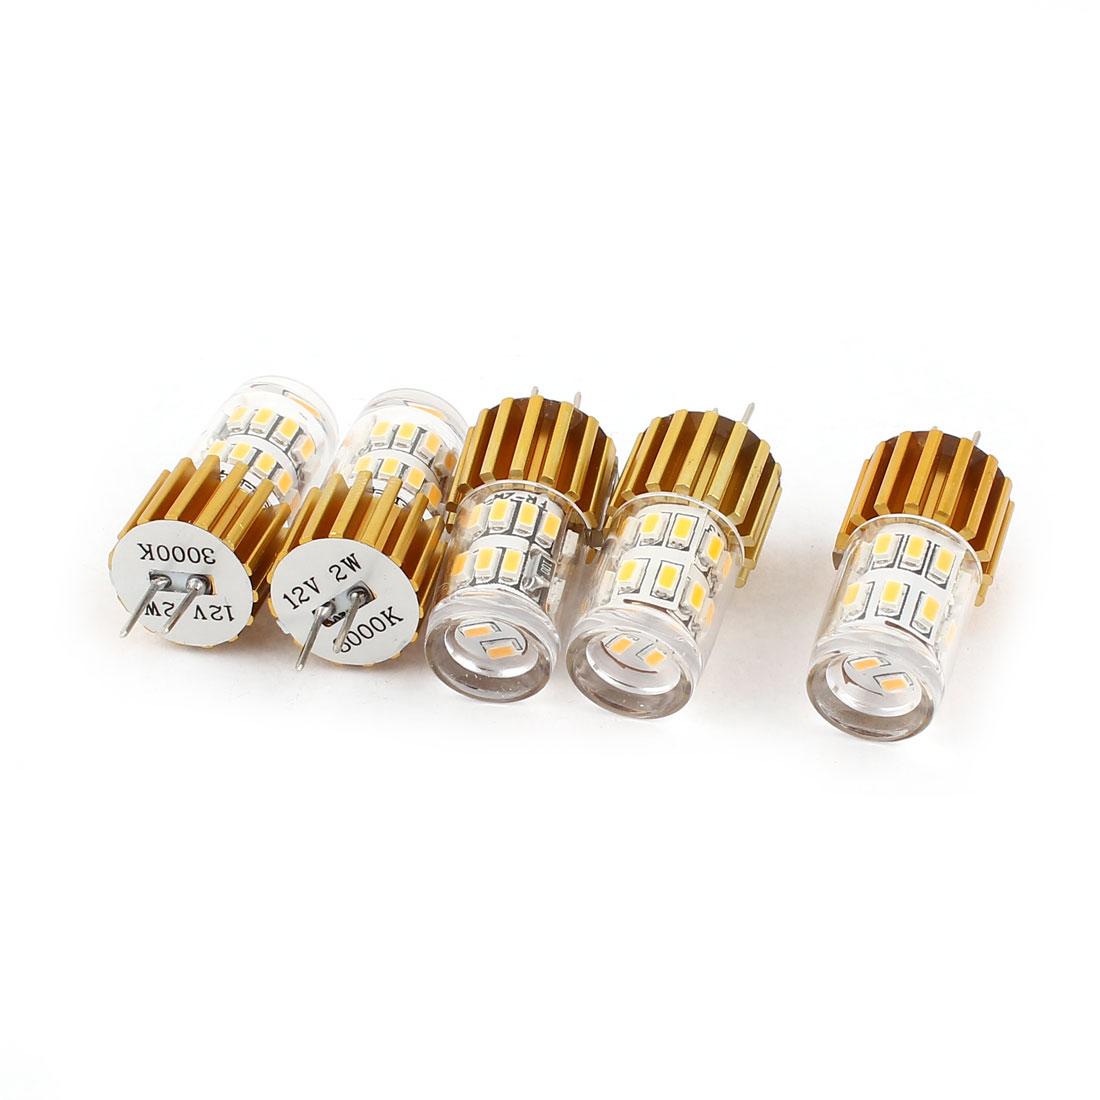 5 Pcs Aluminium Energy Saving G4 2W 3014 SMD 24 LED Bulb Light White DC12V